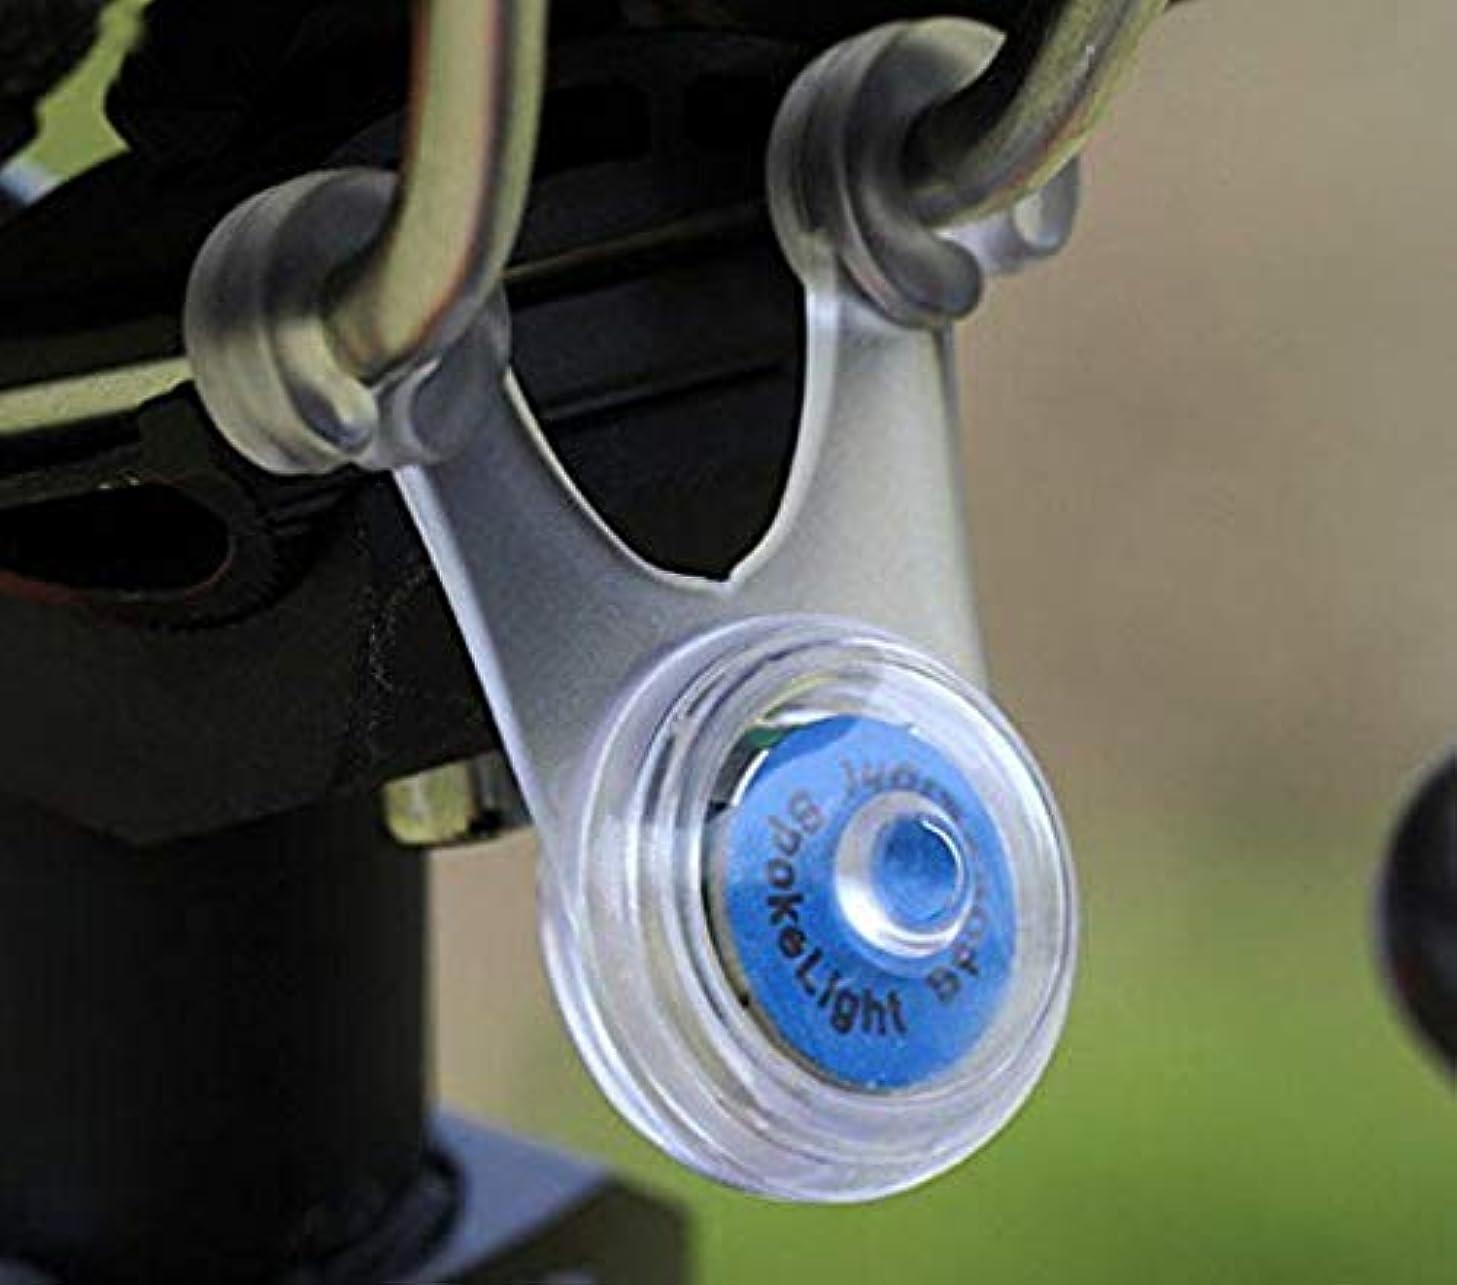 敬な刈る刈るスポーク LED ライト 自転車 サイクル 用 ぶら下げ 式 防水 シリコン テール ランプ 早 点滅 遅 点滅 点灯 の 3 パターン クリーニング クロス セット (3. ブルー 青)